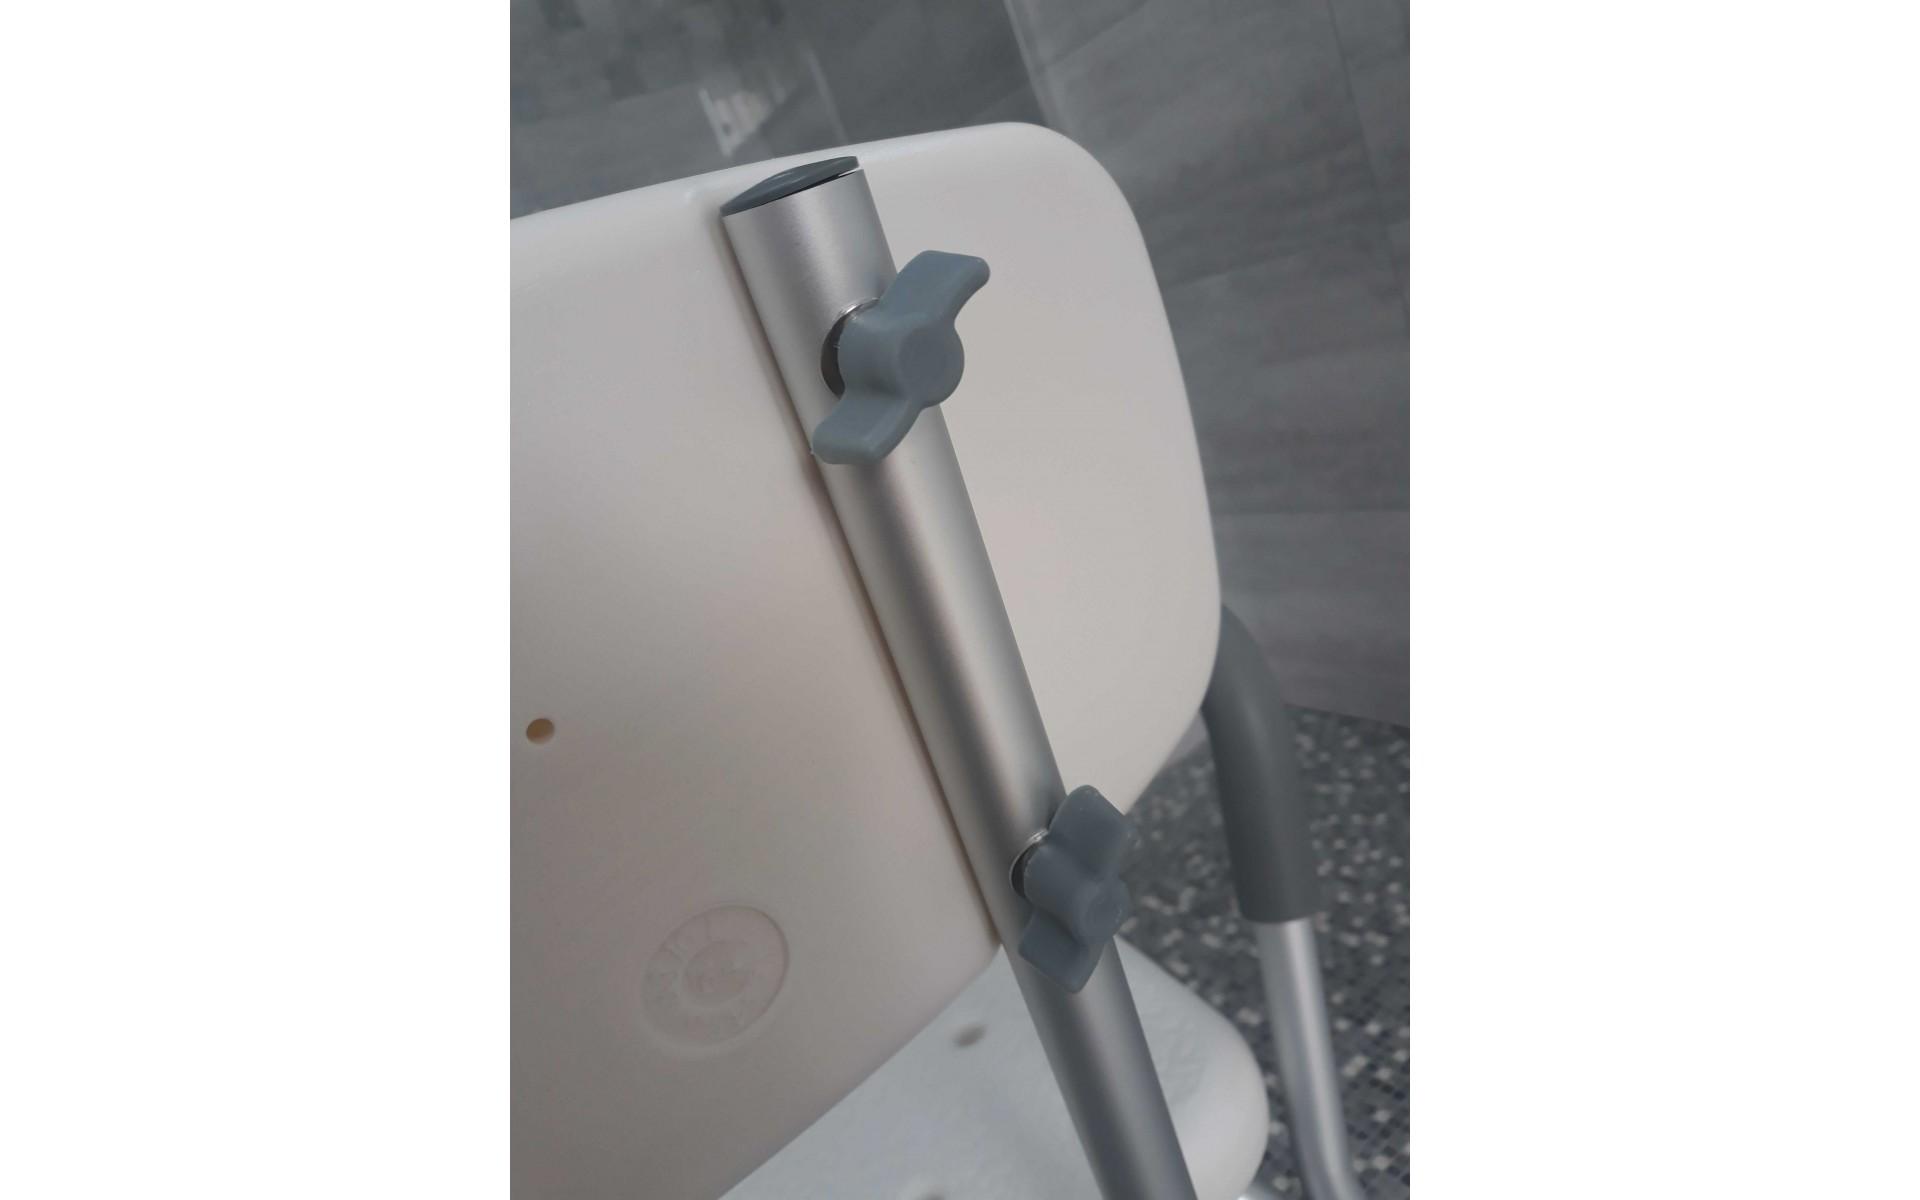 Krzesło pod prysznic montowane bez użycia narzędzi.